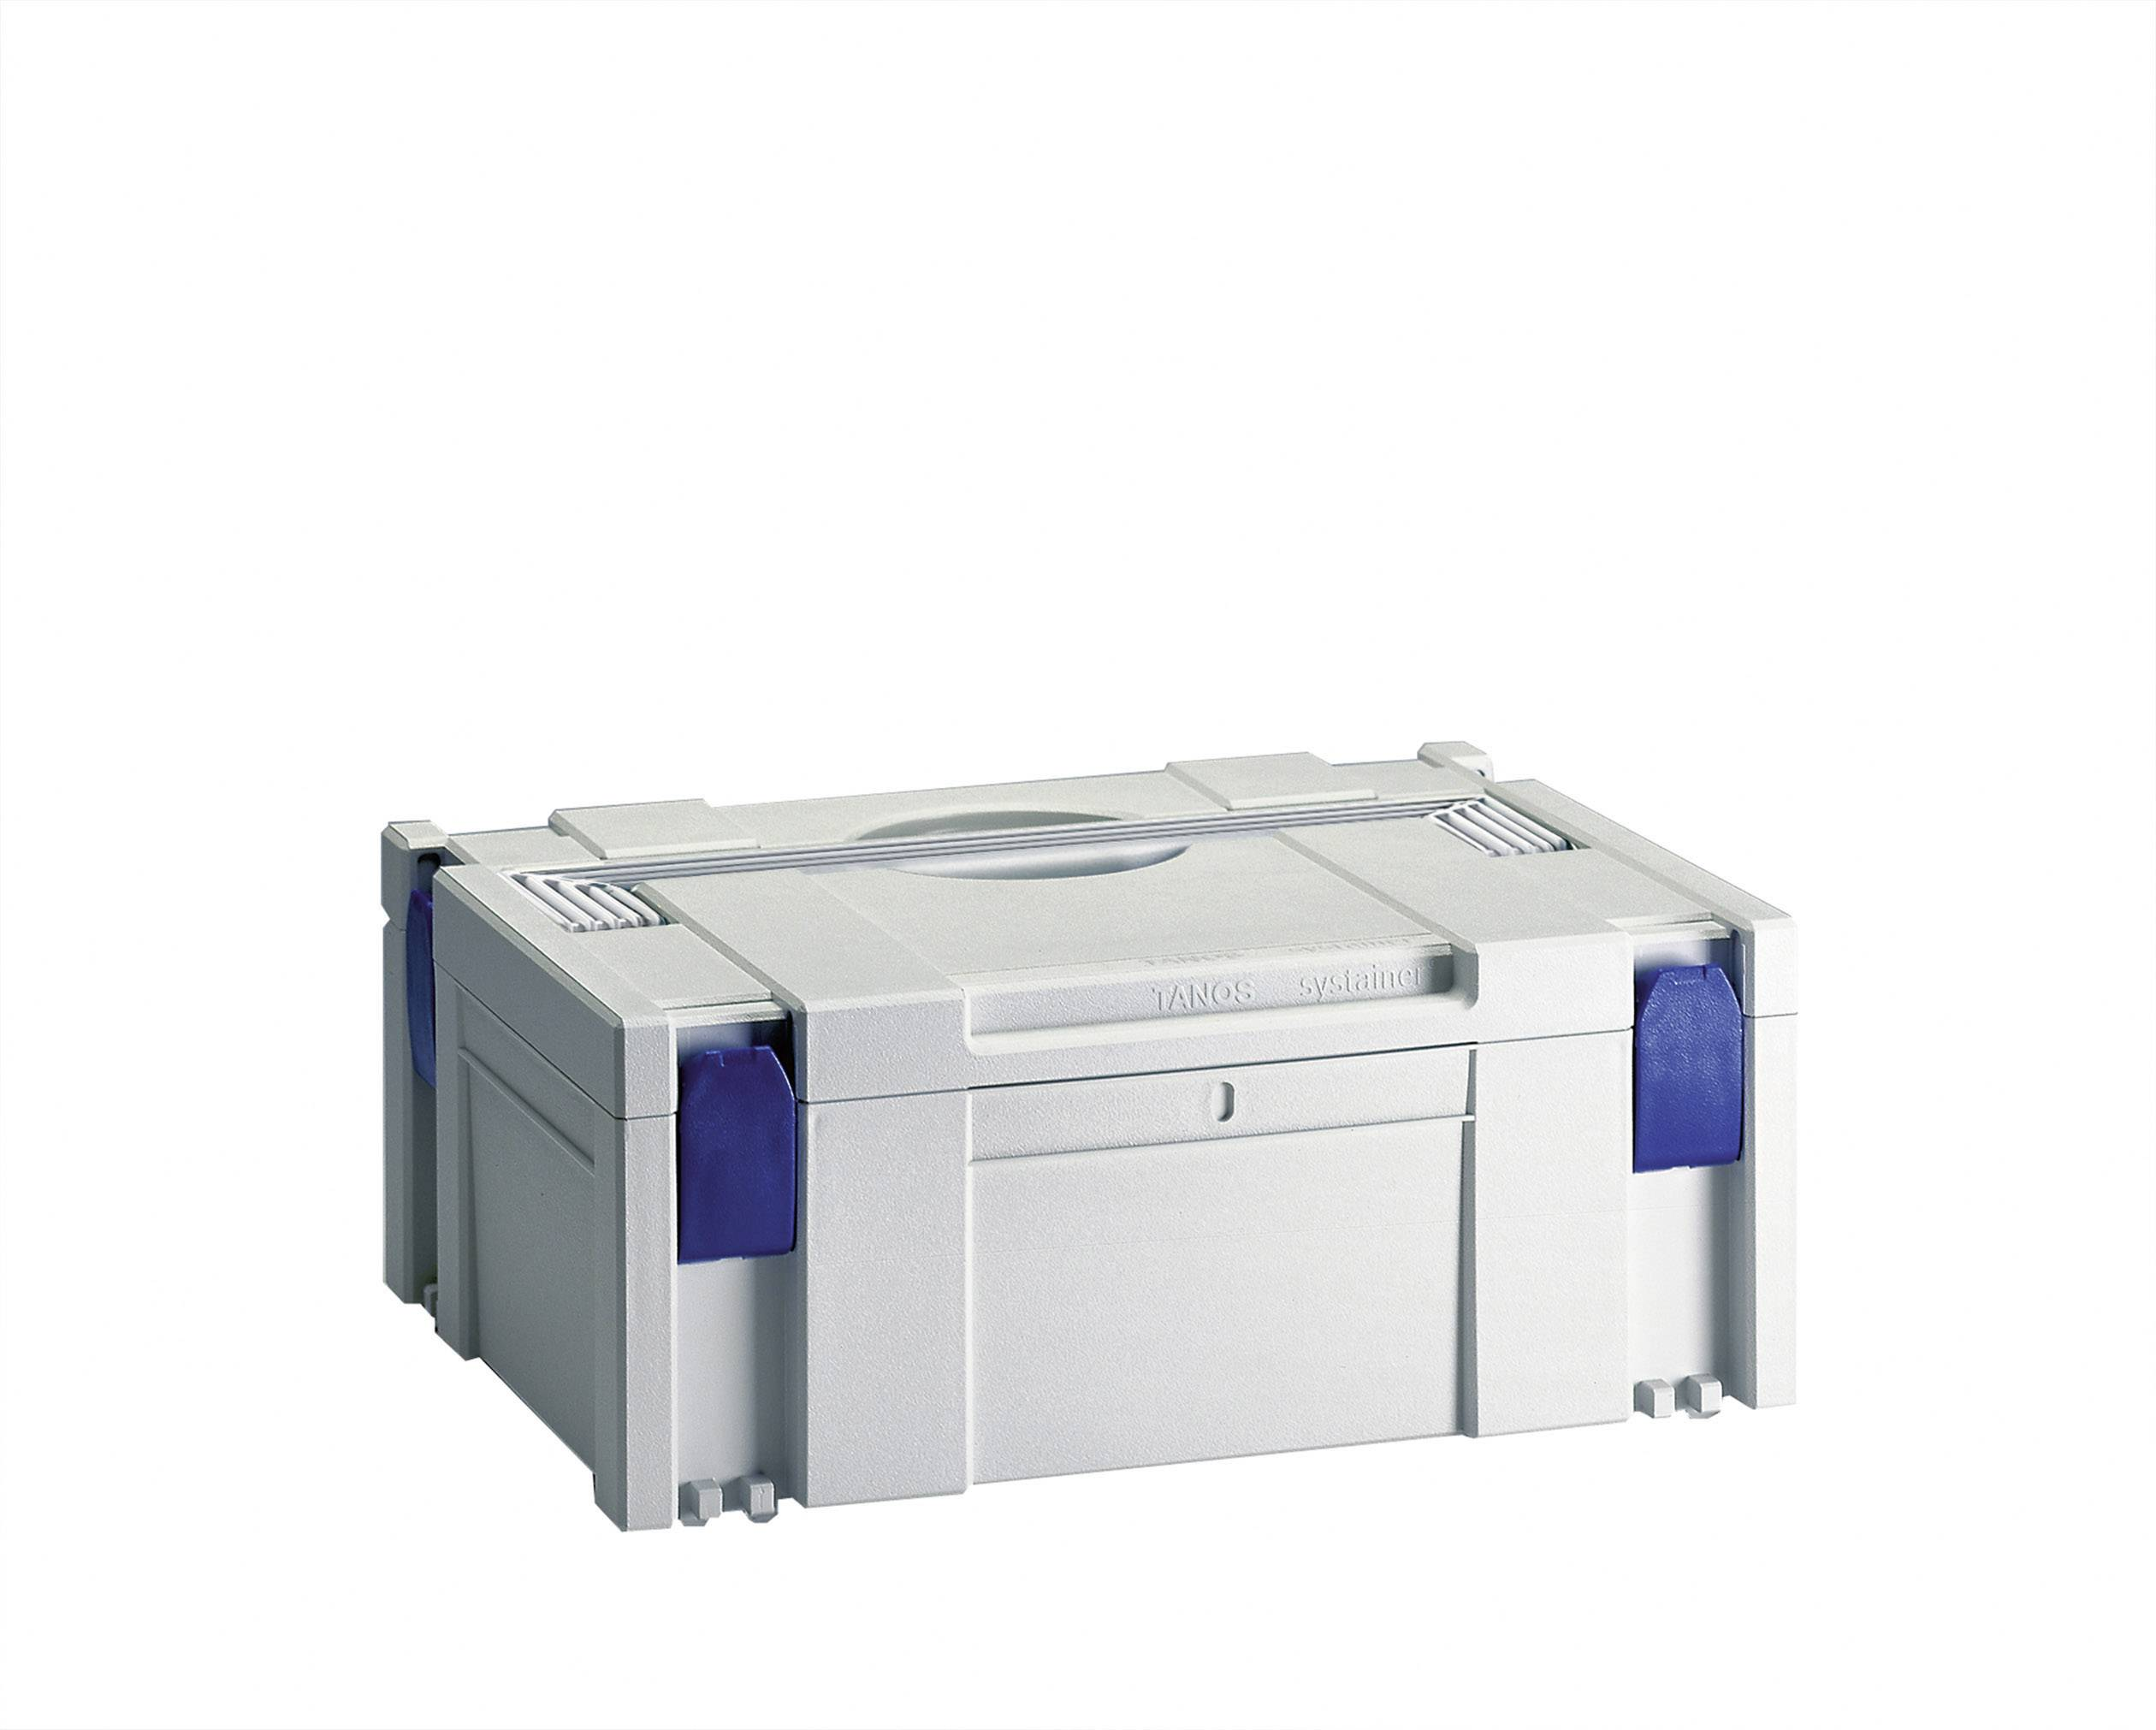 Transportní kufr Tanos systainer® II 80000005, (d x š x v) 300 x 400 x 157.5 mm